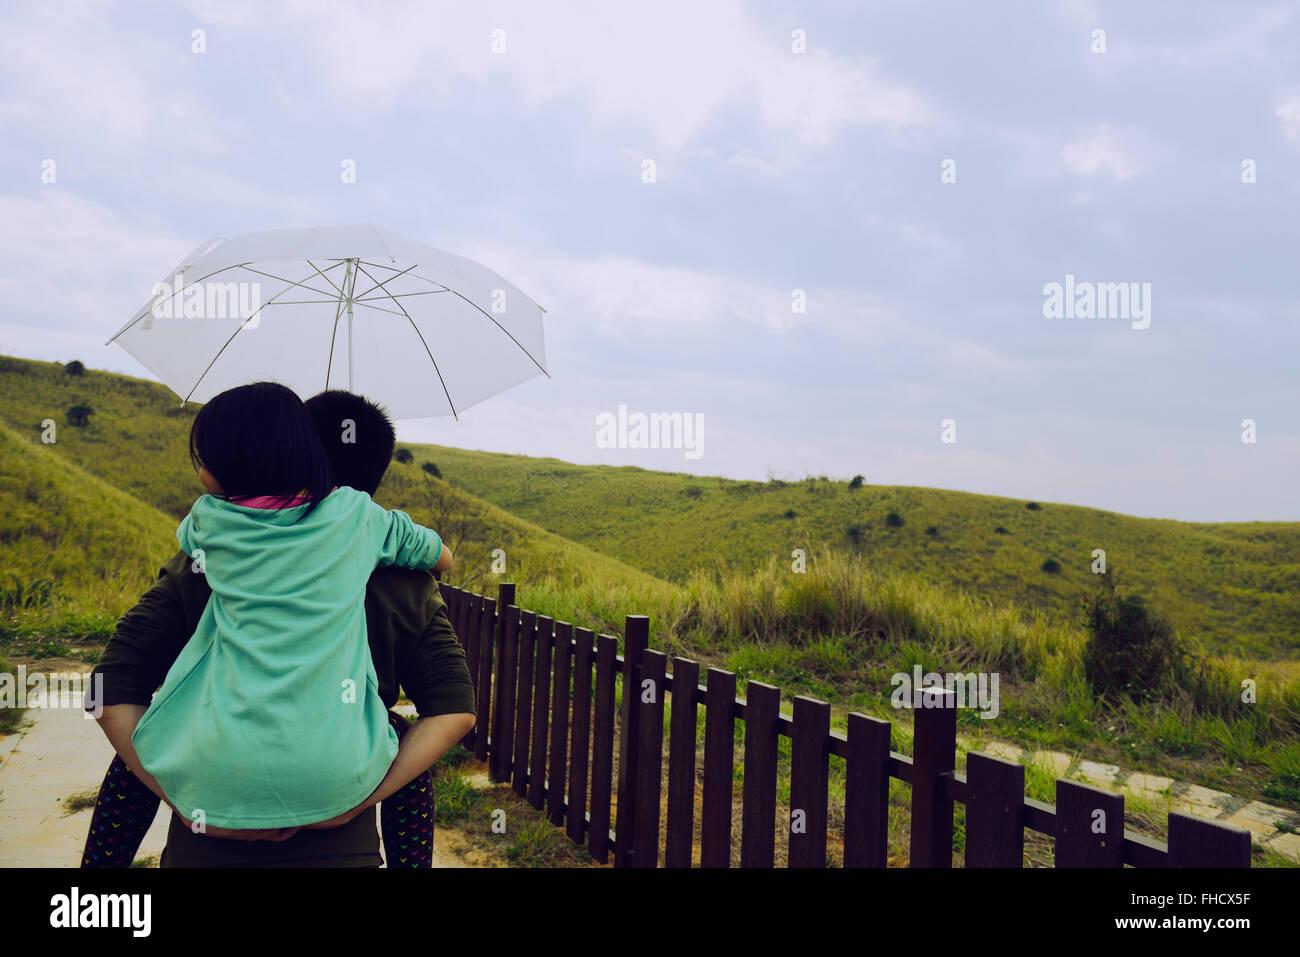 Figlia il Padre torna prendere ombrello ,ragazza sul padre prendere indietro ombrello,Padre da giovane figlia piggyback ride Foto Stock